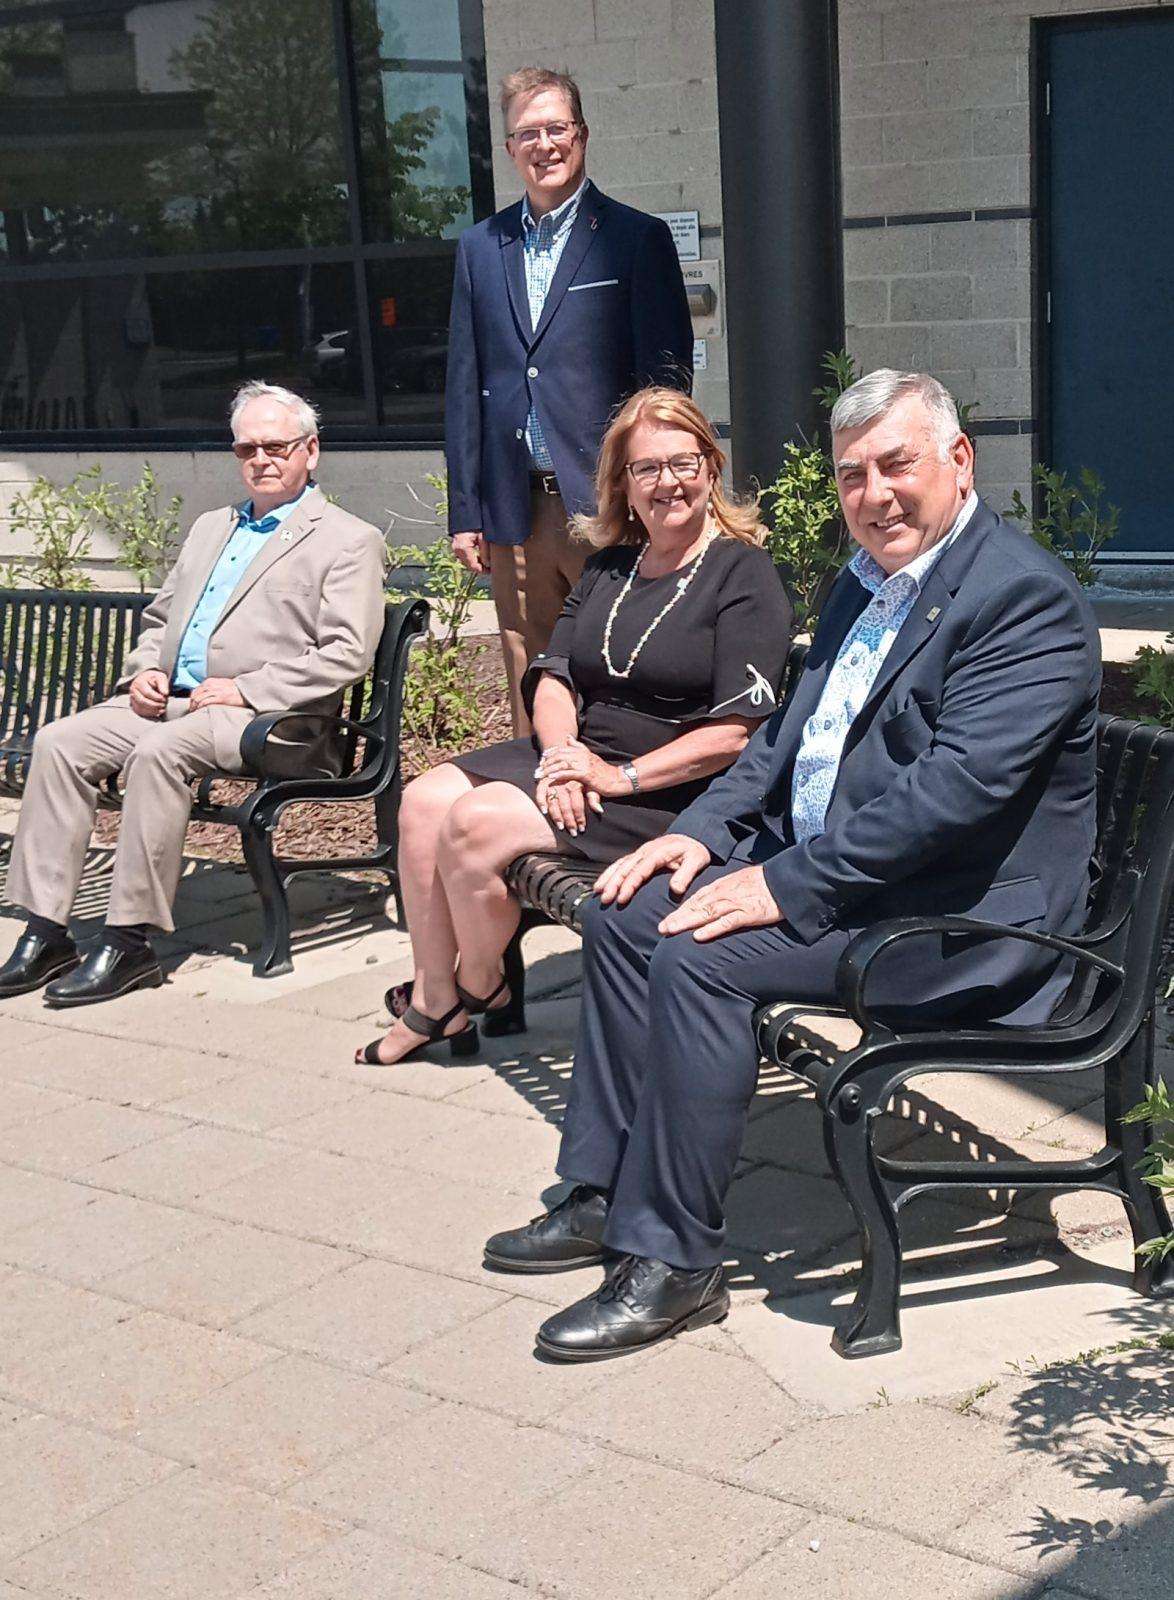 Départs à la retraite de deux conseillers municipaux d'expérience à Sainte-Julie